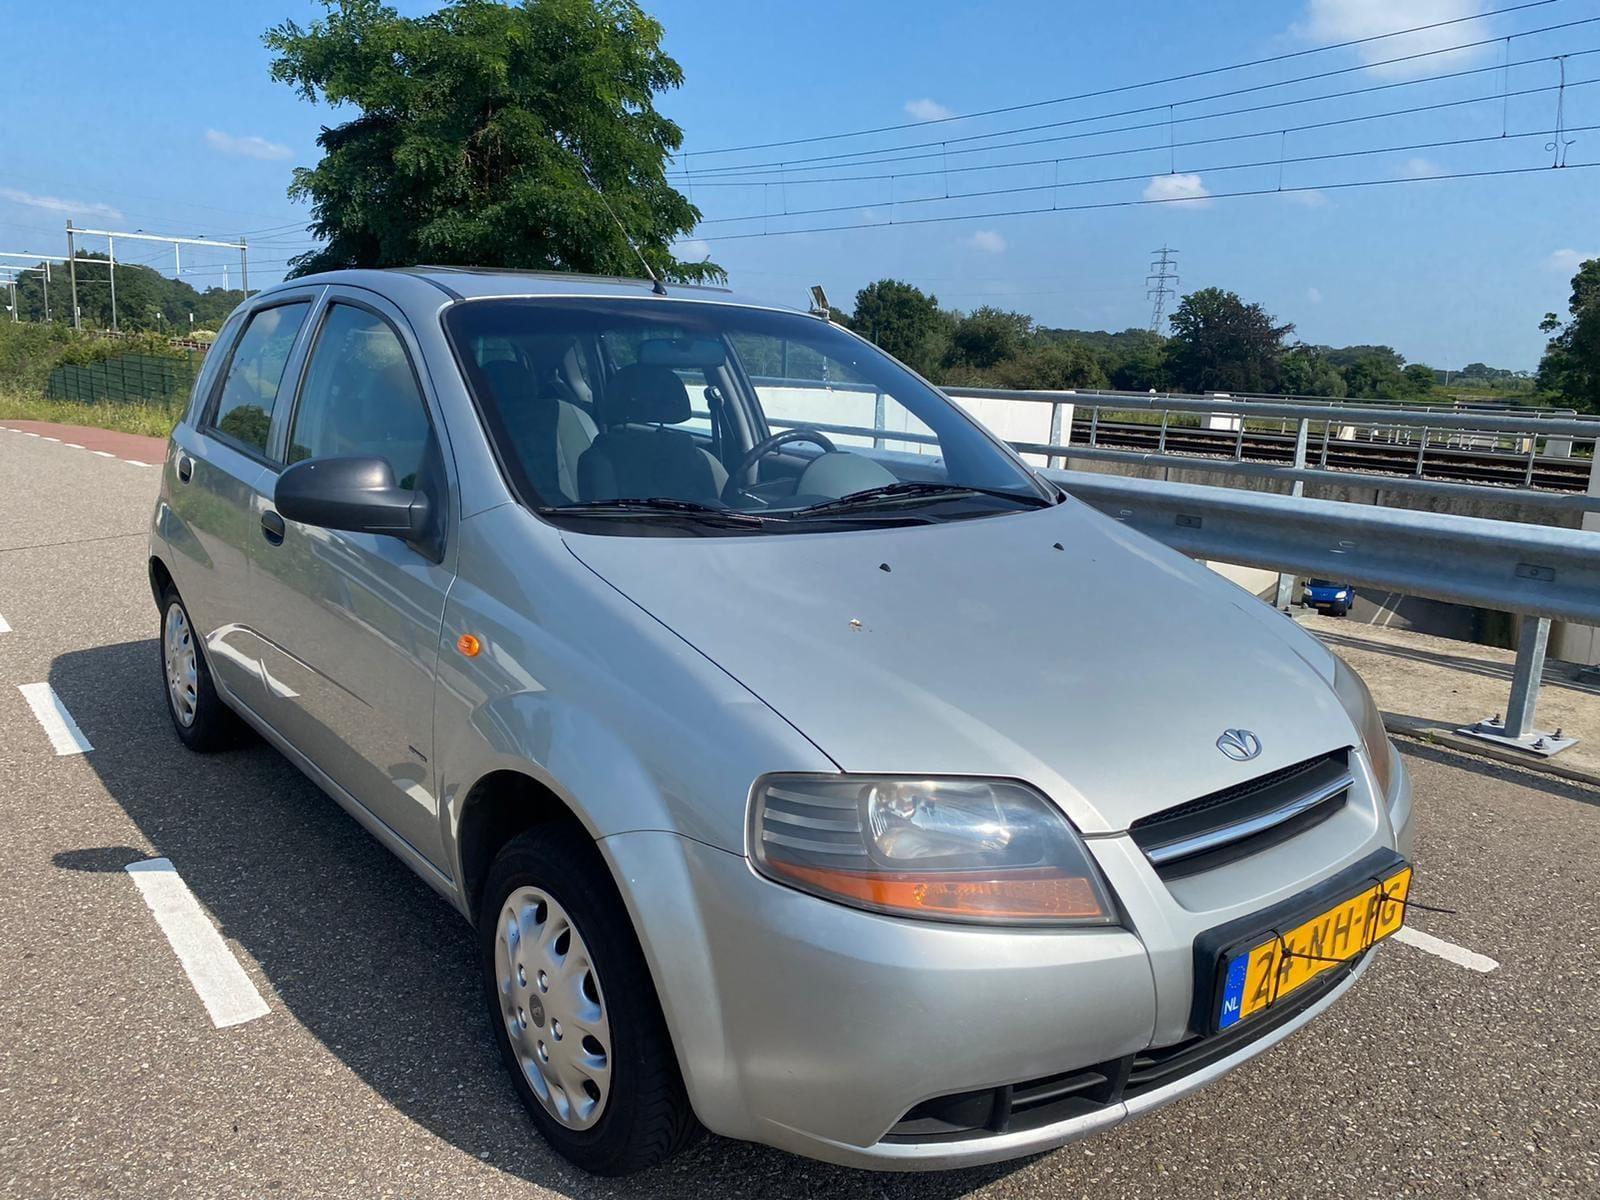 Daewoo Kalos occasion - Gelderland Cars B.V.Zutphen